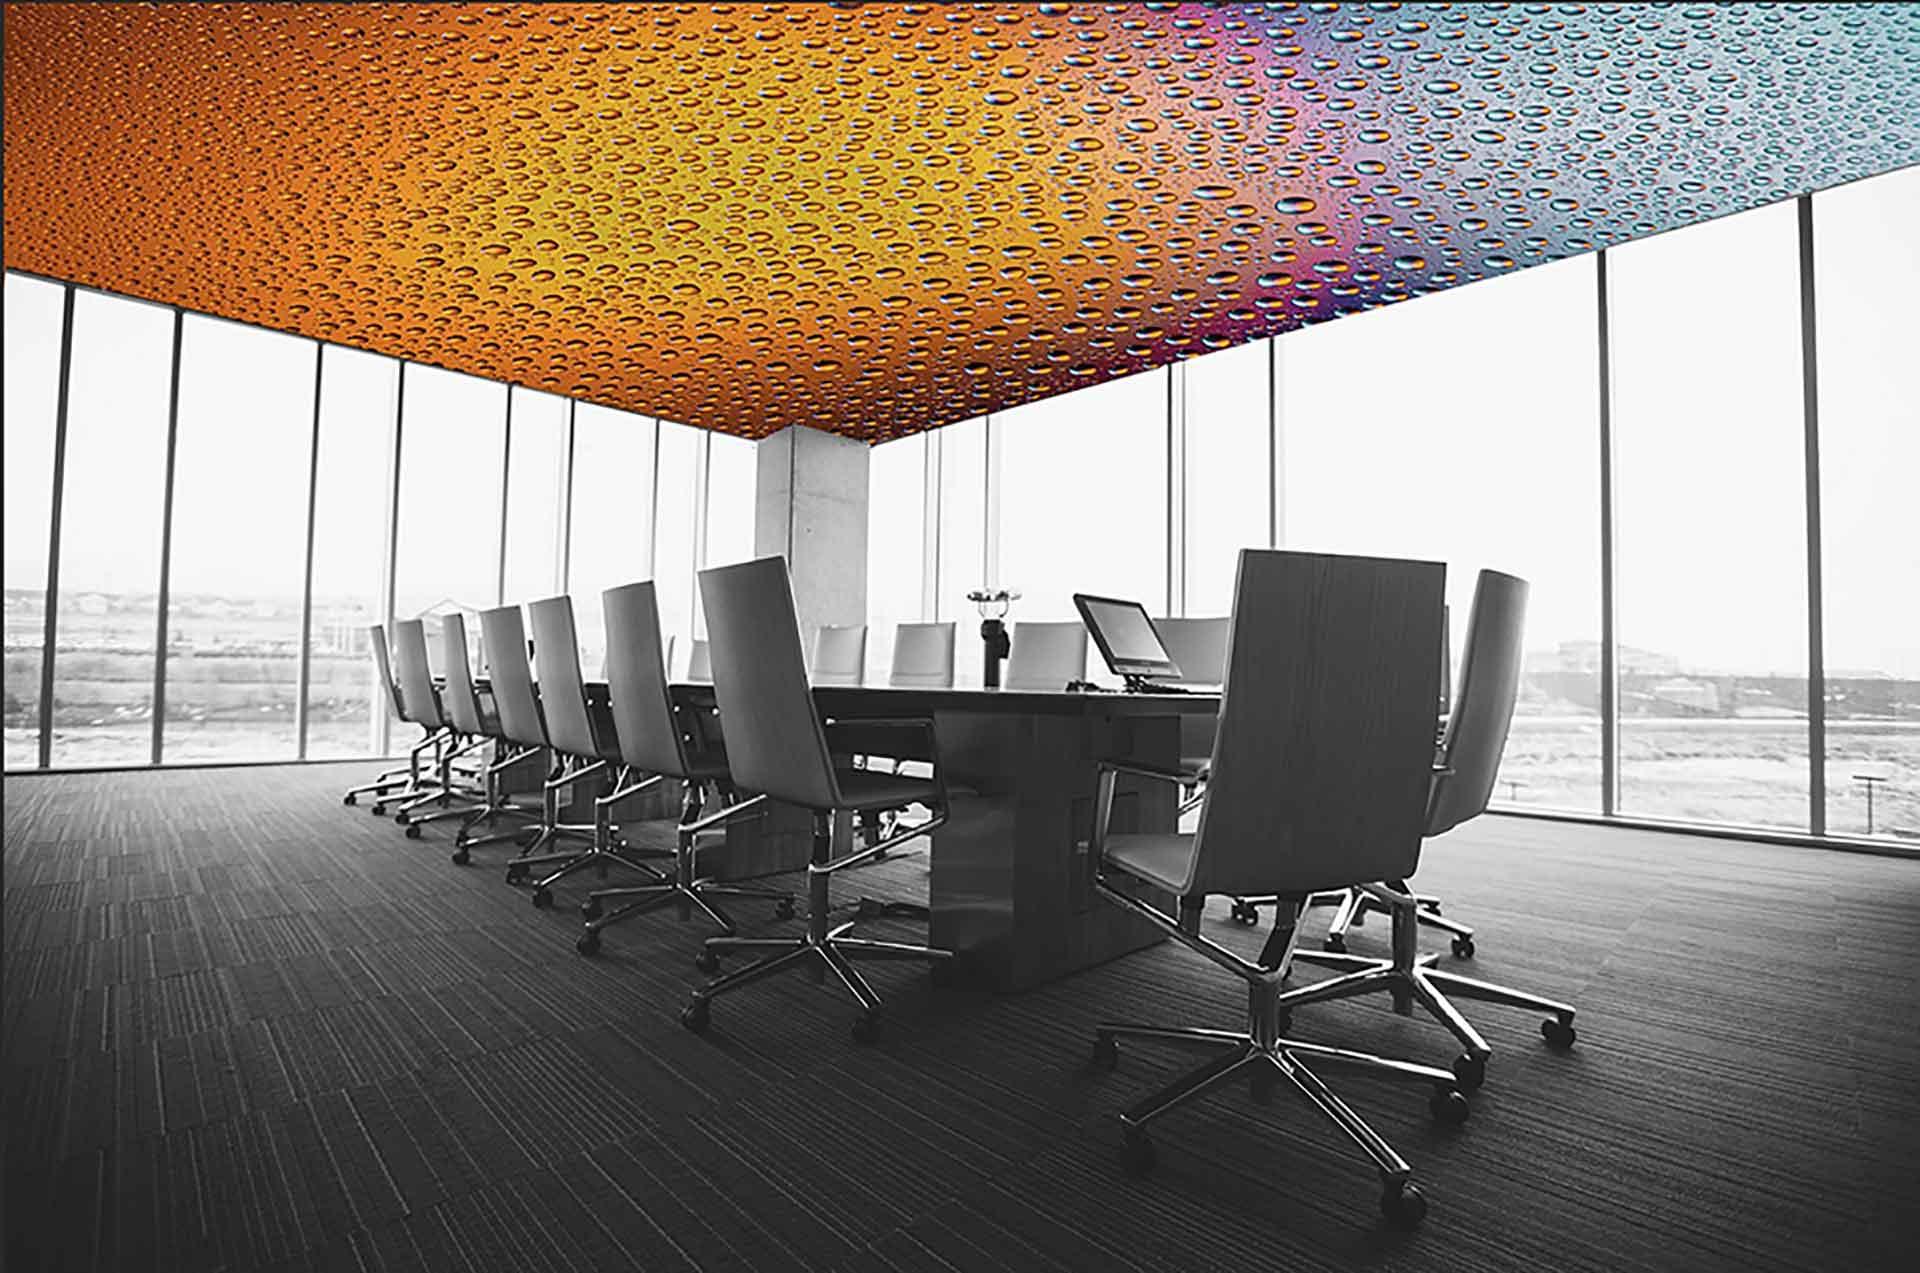 Lichtdecke__regentropfen_conference-room-